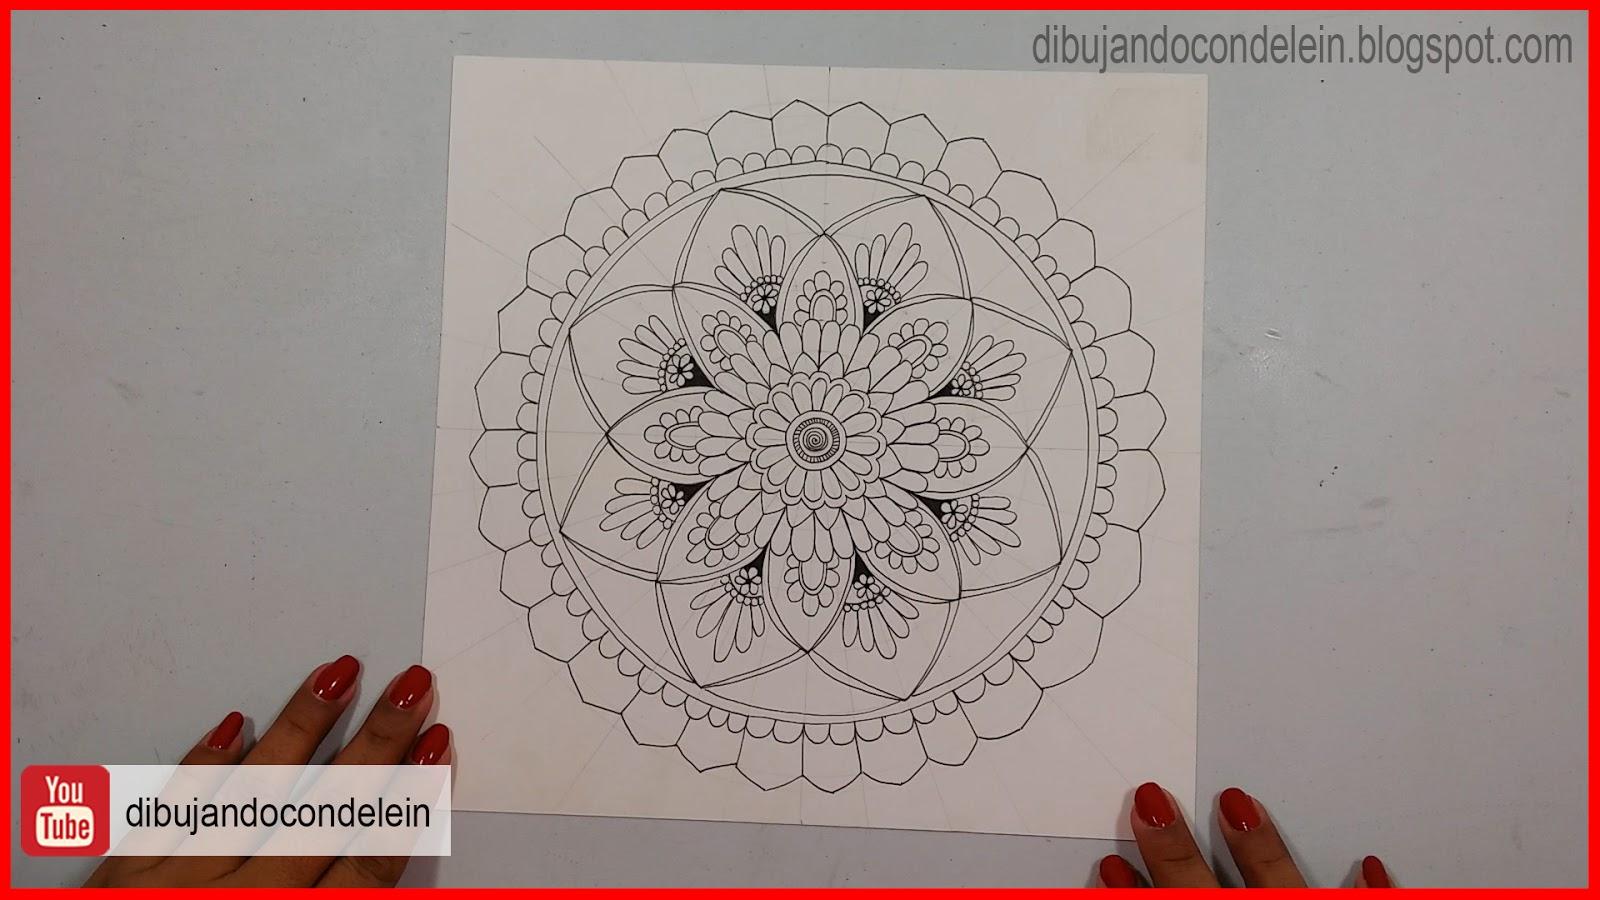 Dibujando Con Delein Como Hacer Una Libreta De Dibujo: Dibujando Con Delein: Como Dibujar Un Mandala Paso A Paso